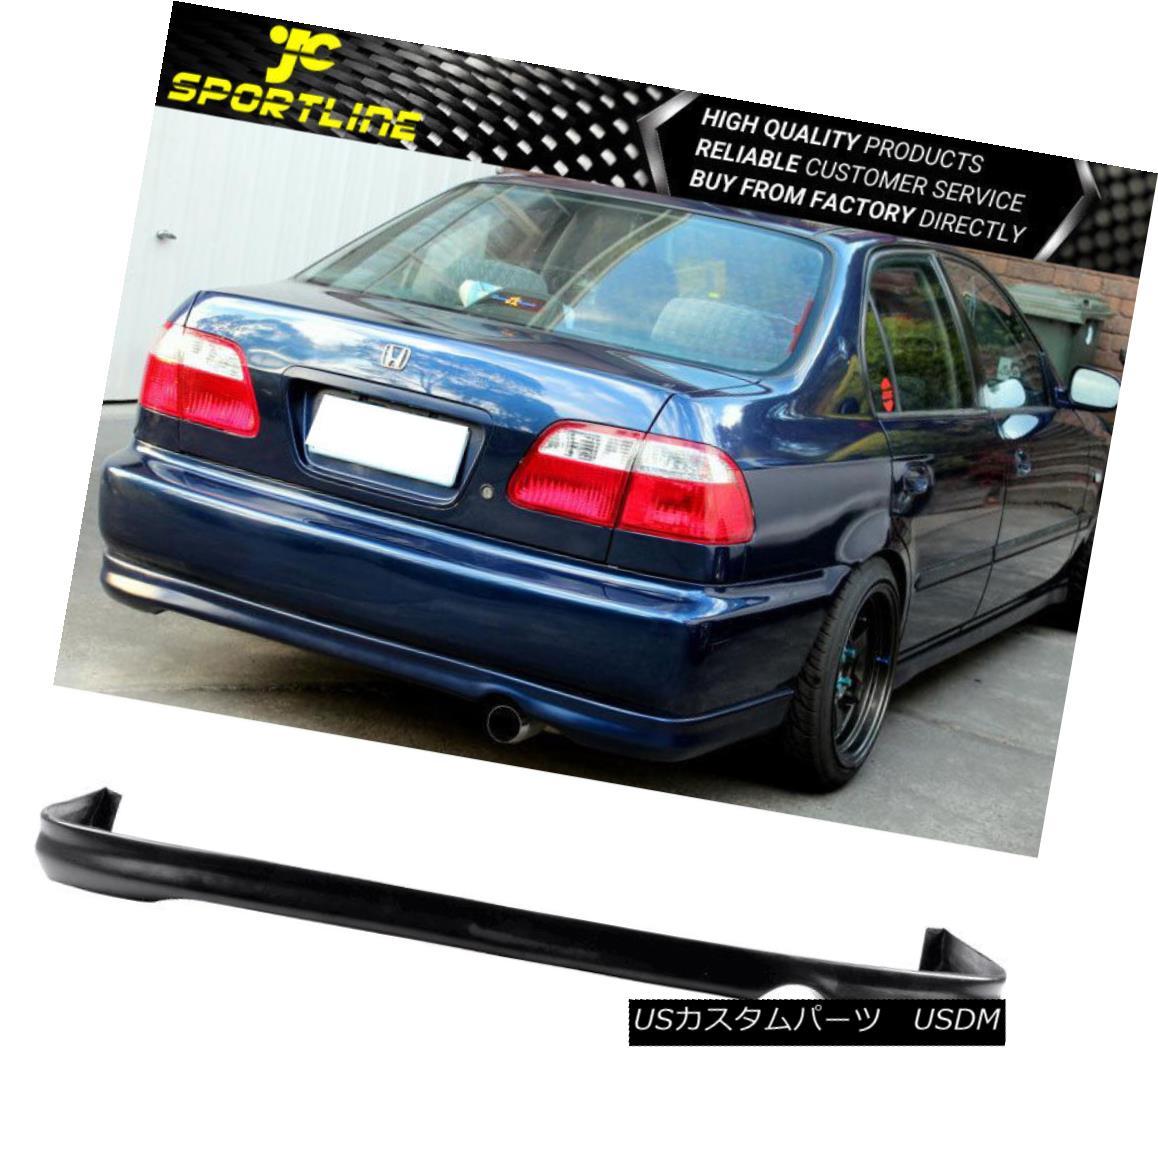 エアロパーツ Fits 96-98 Honda Civic 2Dr 4Dr Black Polyurethane Rear Bumper Lip フィット96-98ホンダシビック2Dr 4Drブラックポリウレタンリアバンパーリップ